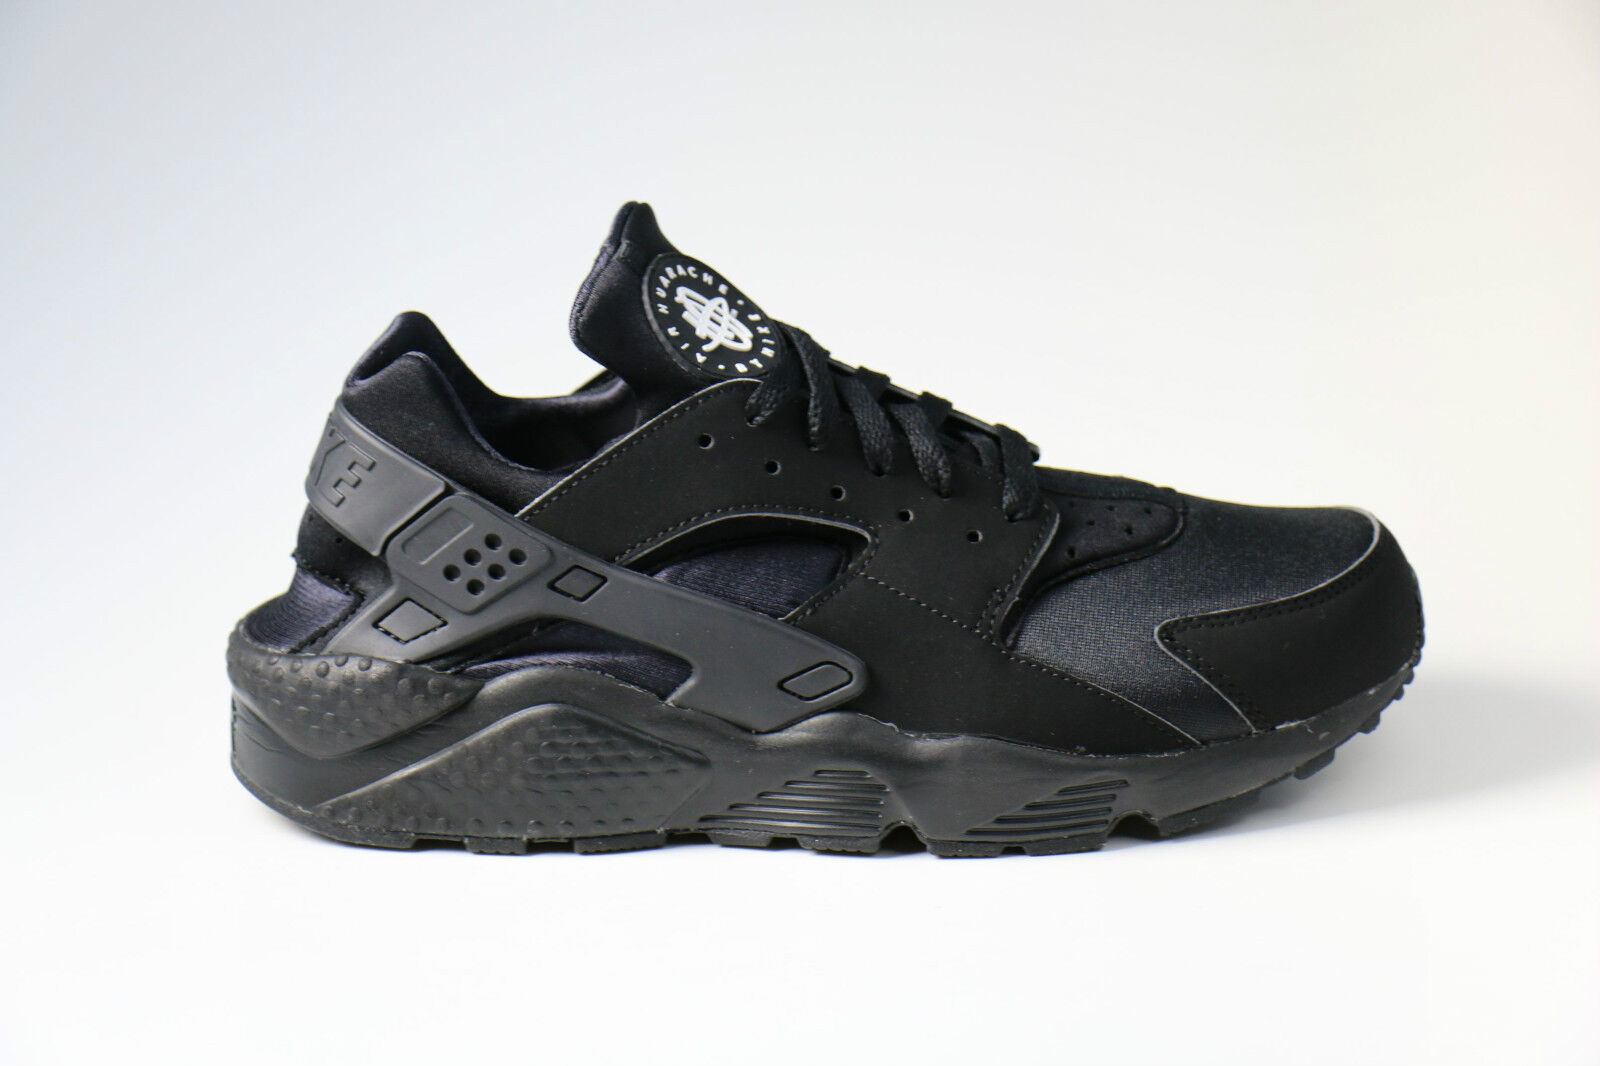 Nike Air Huarache Triple Black US 6.5 7 8,5 9 9,5 10,5 12